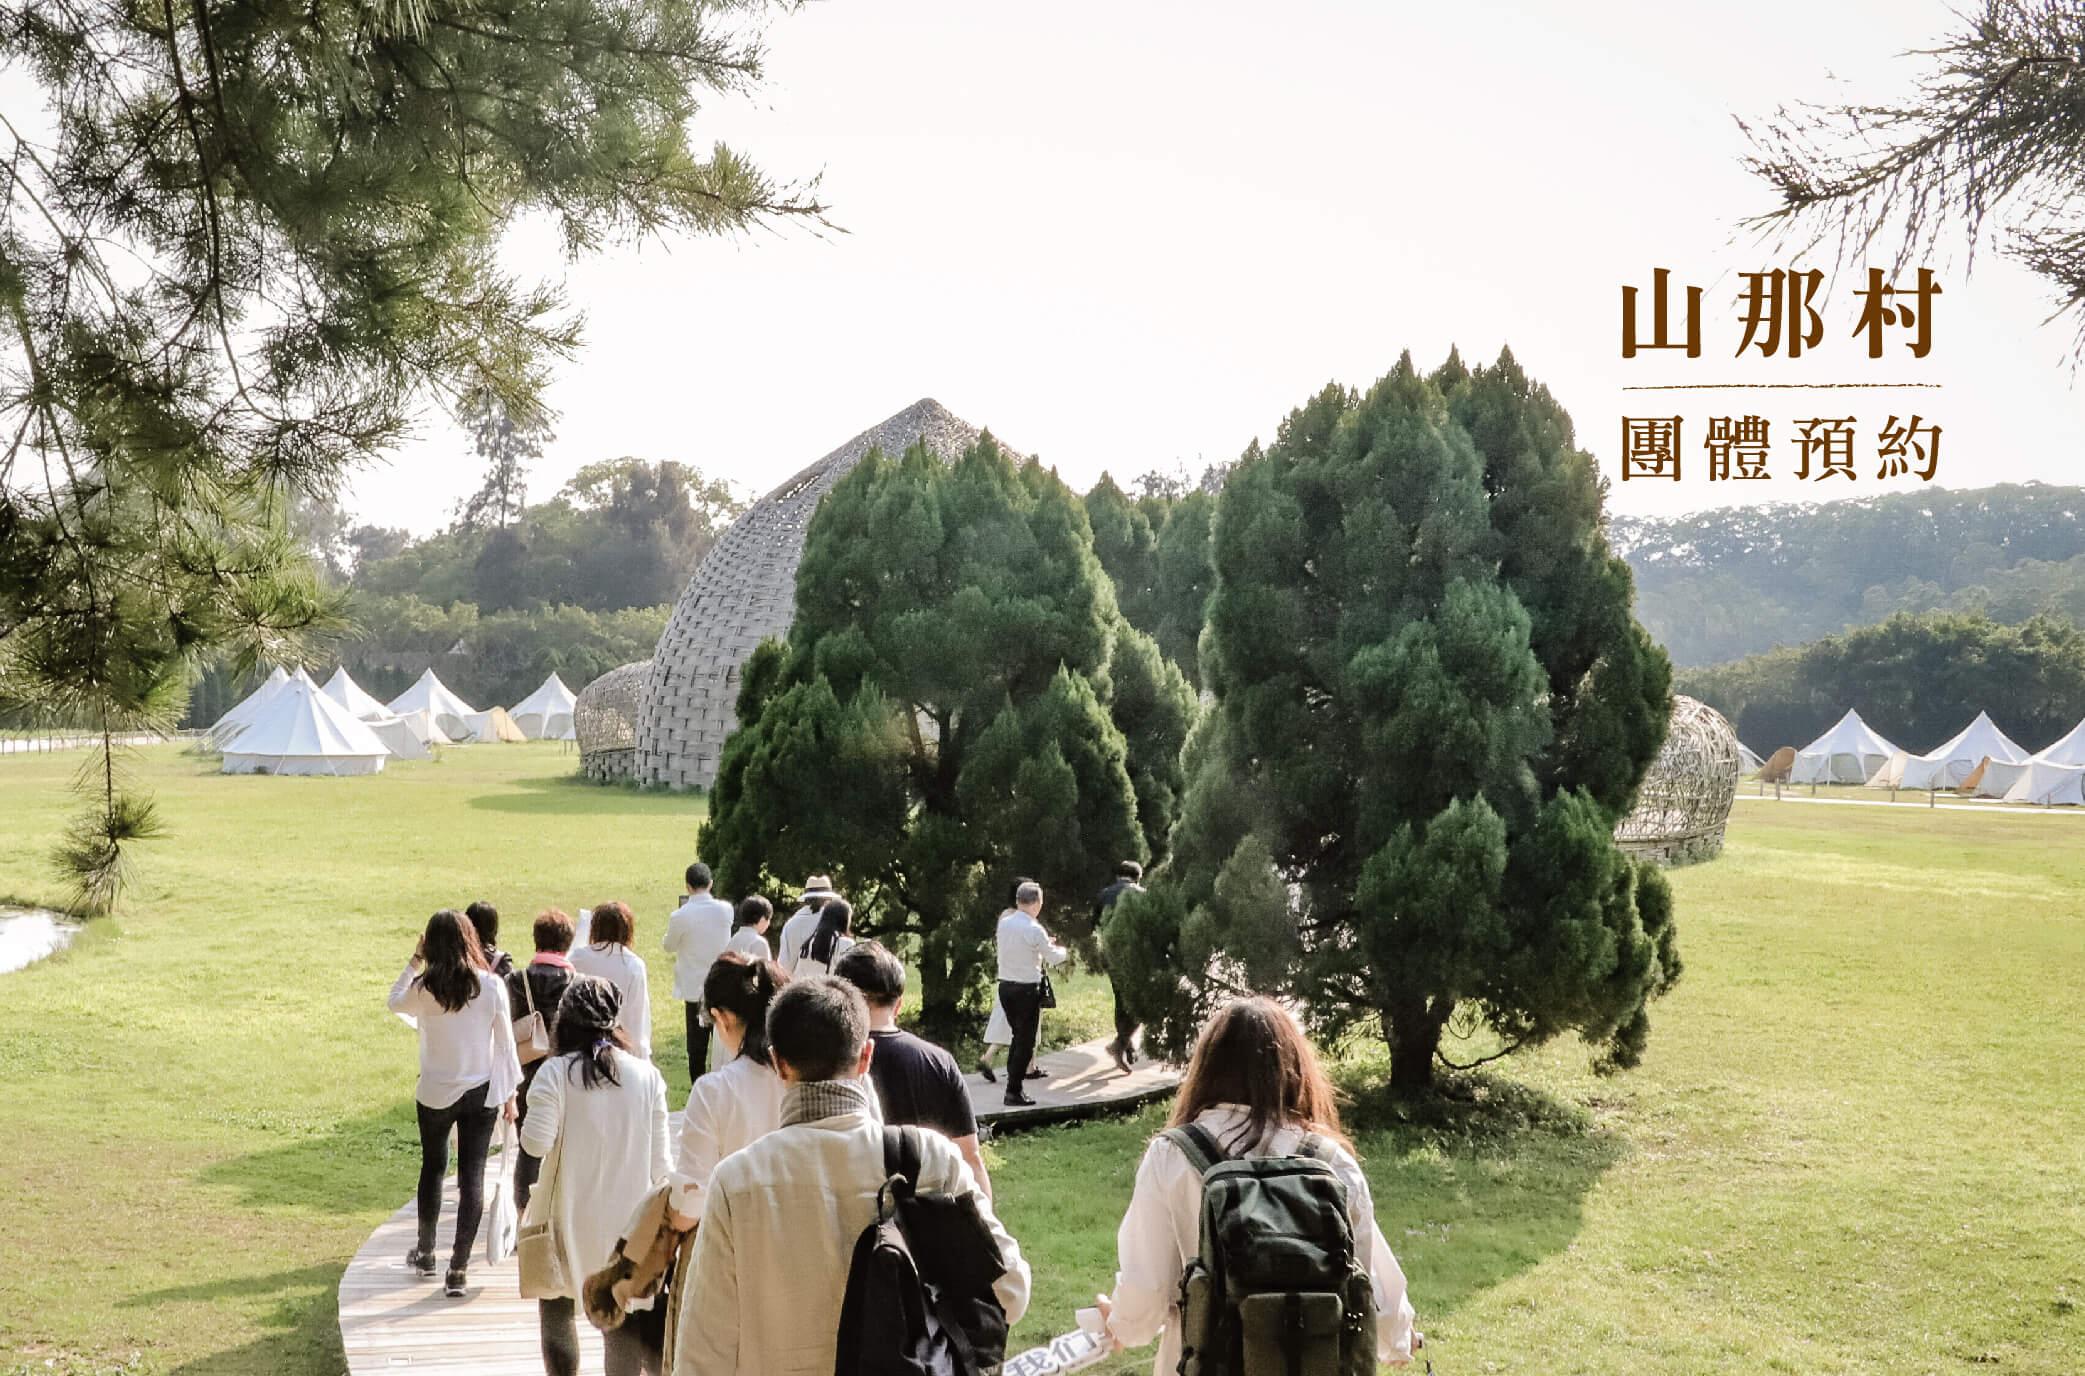 團體預約:山那村3/8(日)-3/9(一)